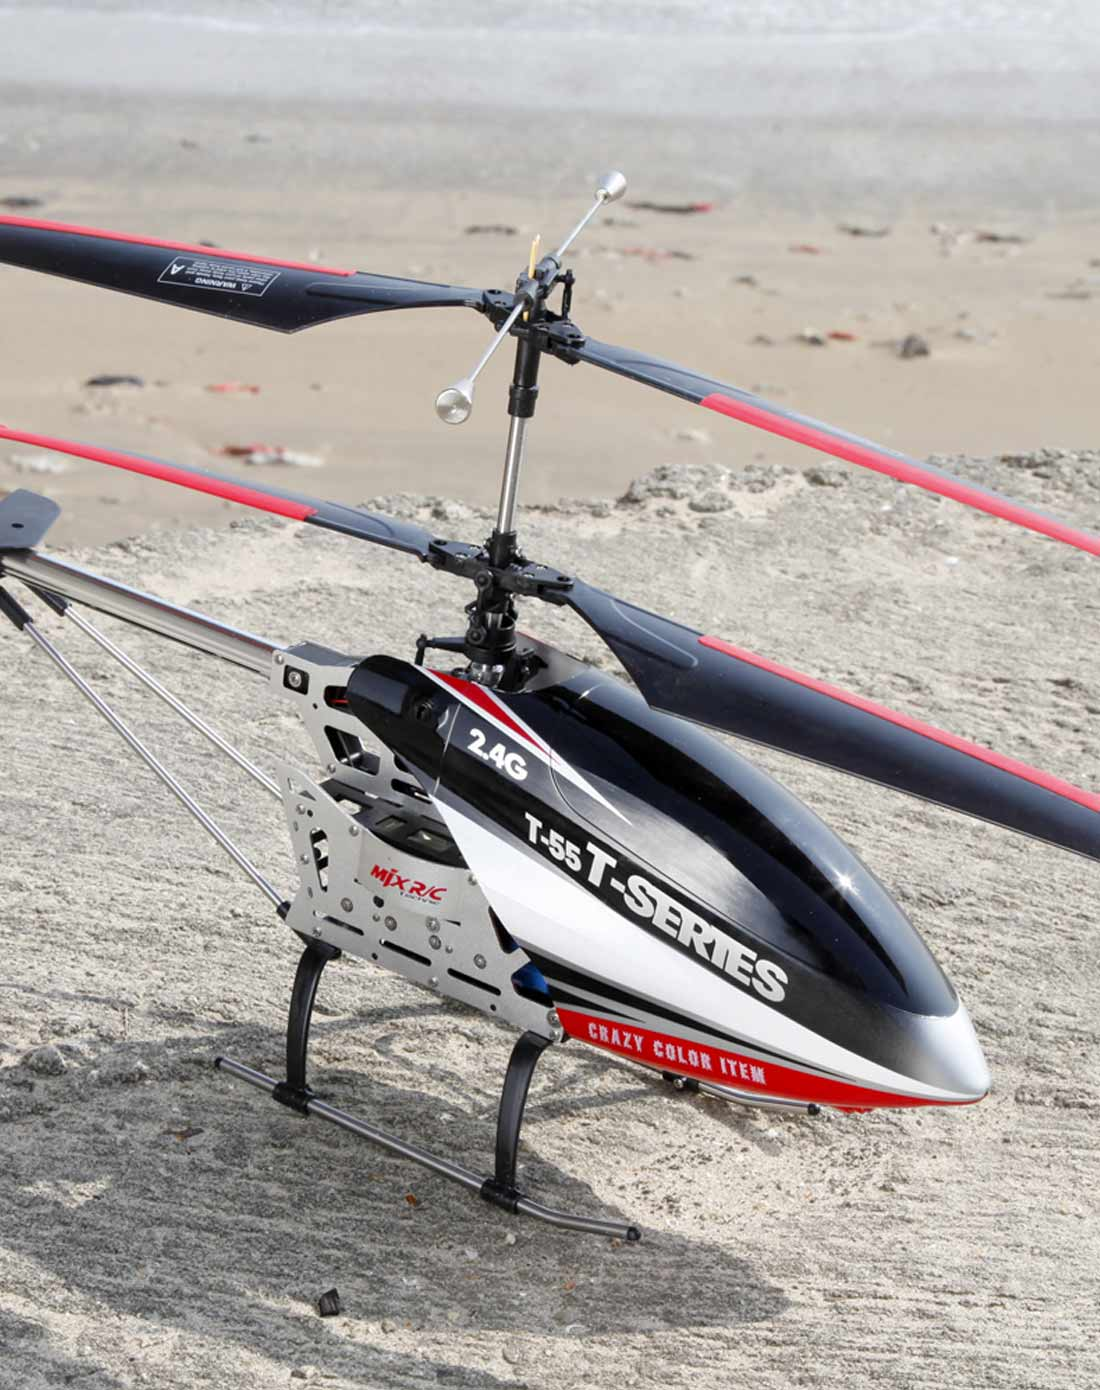 美嘉欣t55超大合金耐摔遥控飞机遥控直升机模型可航拍新手力荐